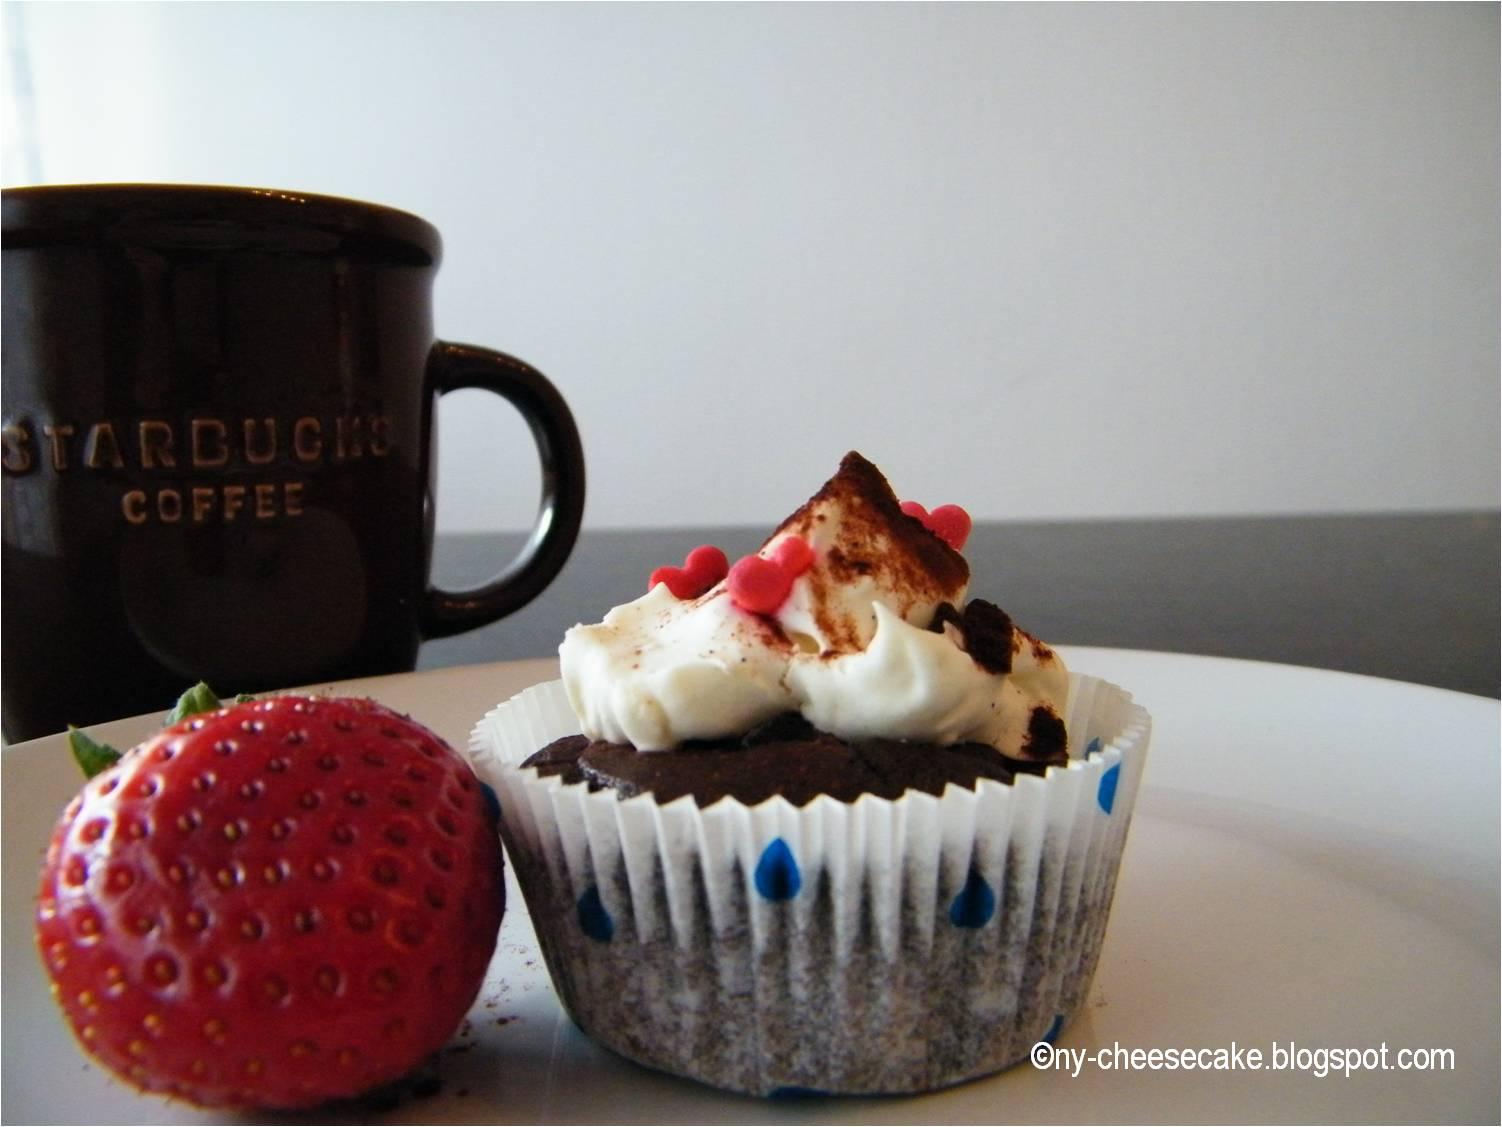 schokoladen cupcakes mit ganache f llung und mascarpone frosting. Black Bedroom Furniture Sets. Home Design Ideas